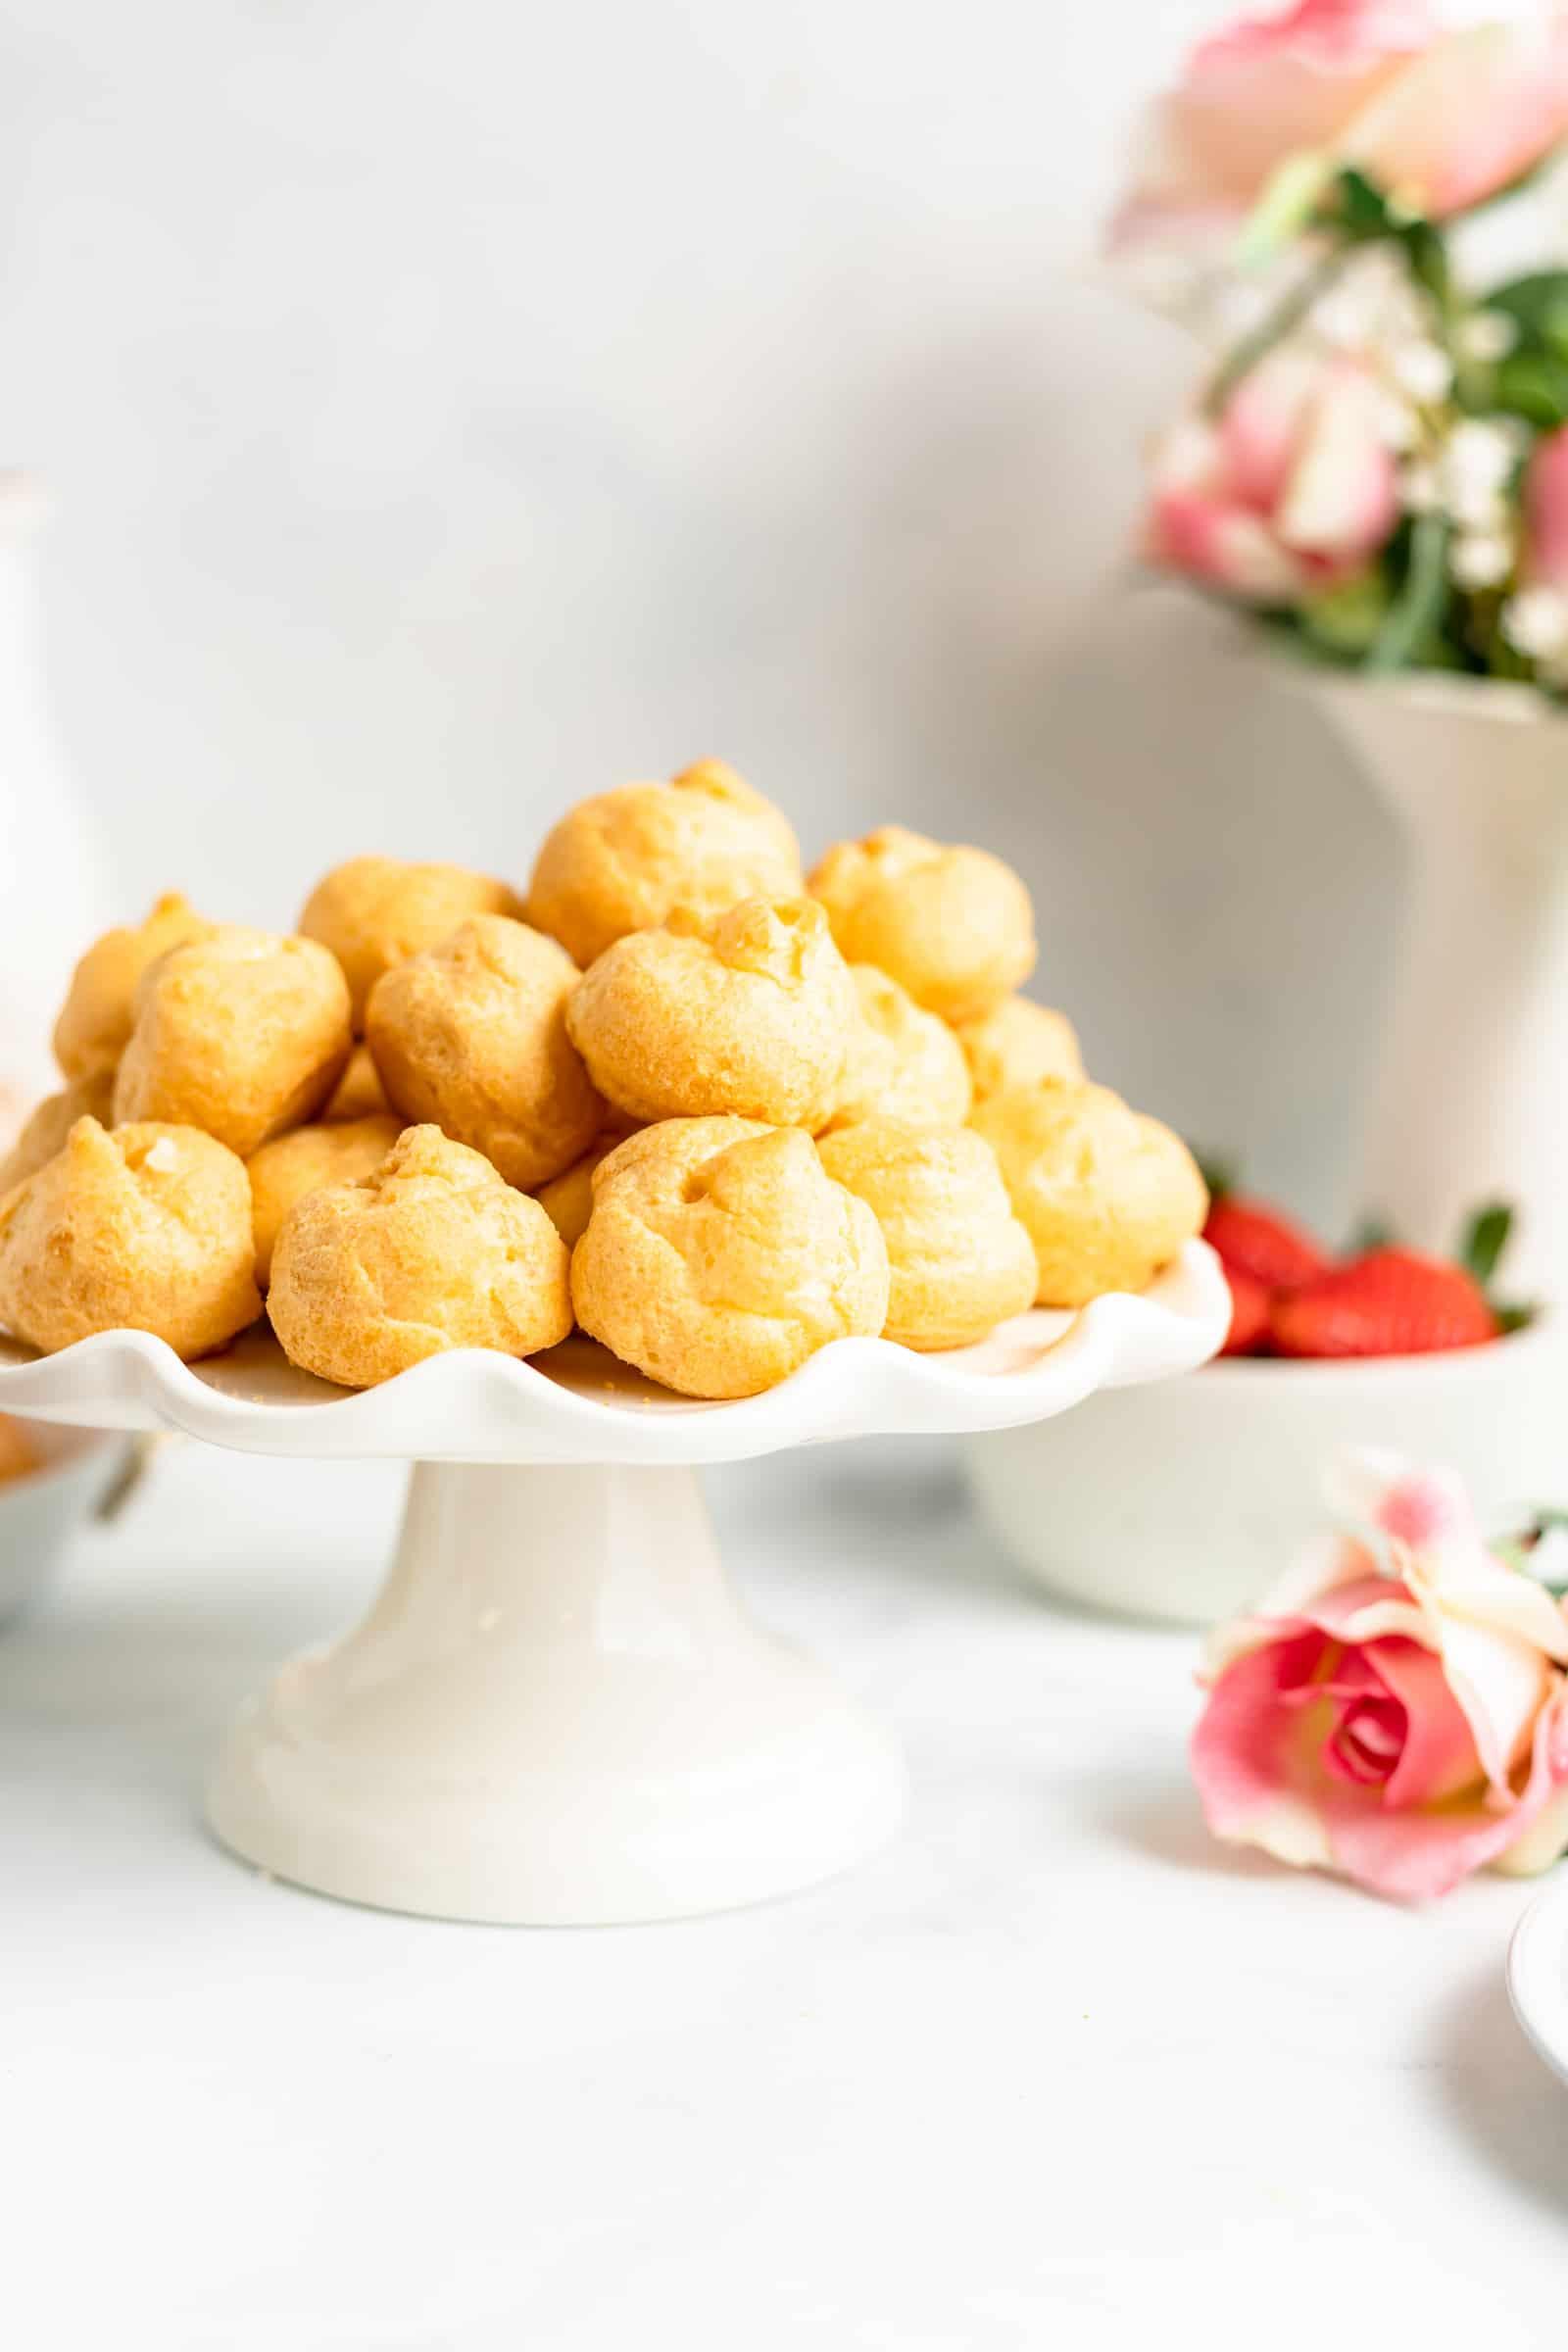 Cream Puffs on Serving Platter